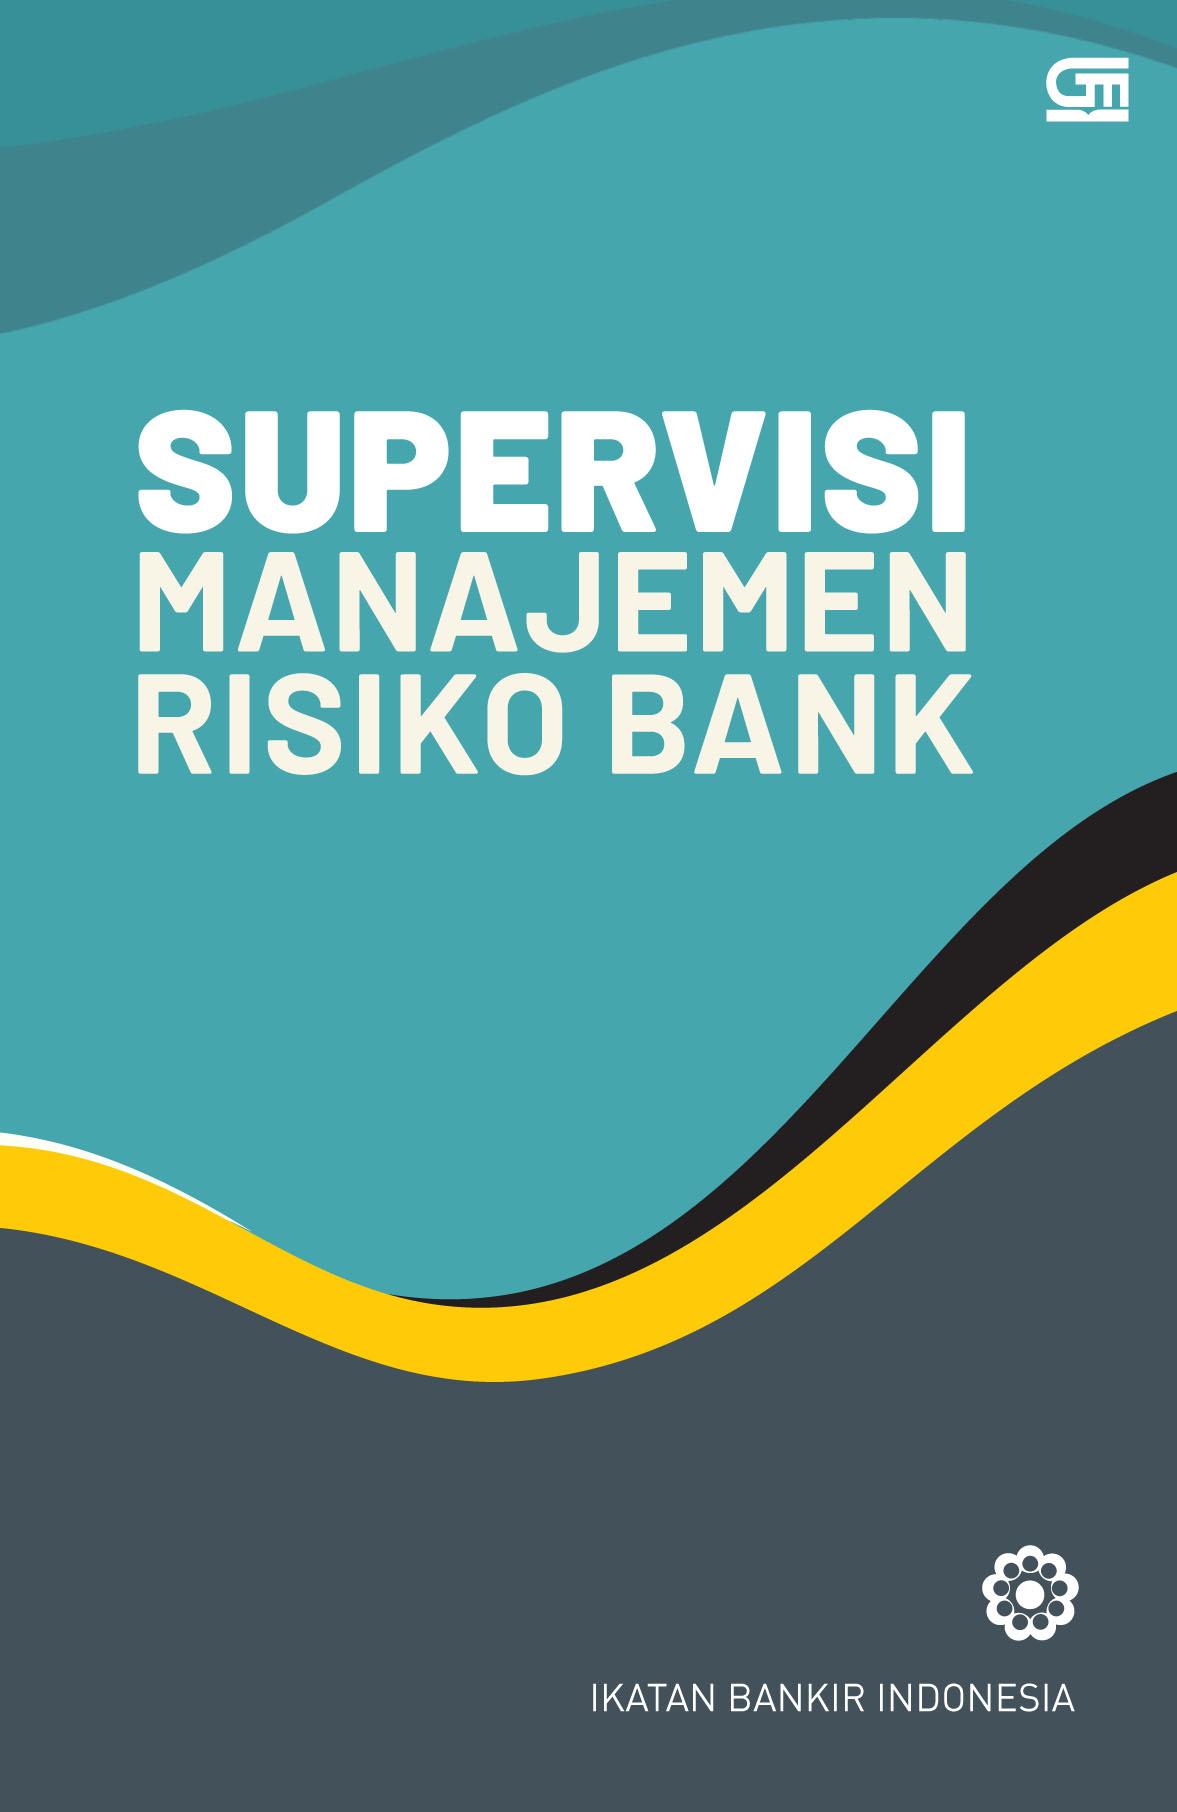 Supervisi Manajemen Risiko Bank (Cover Baru)